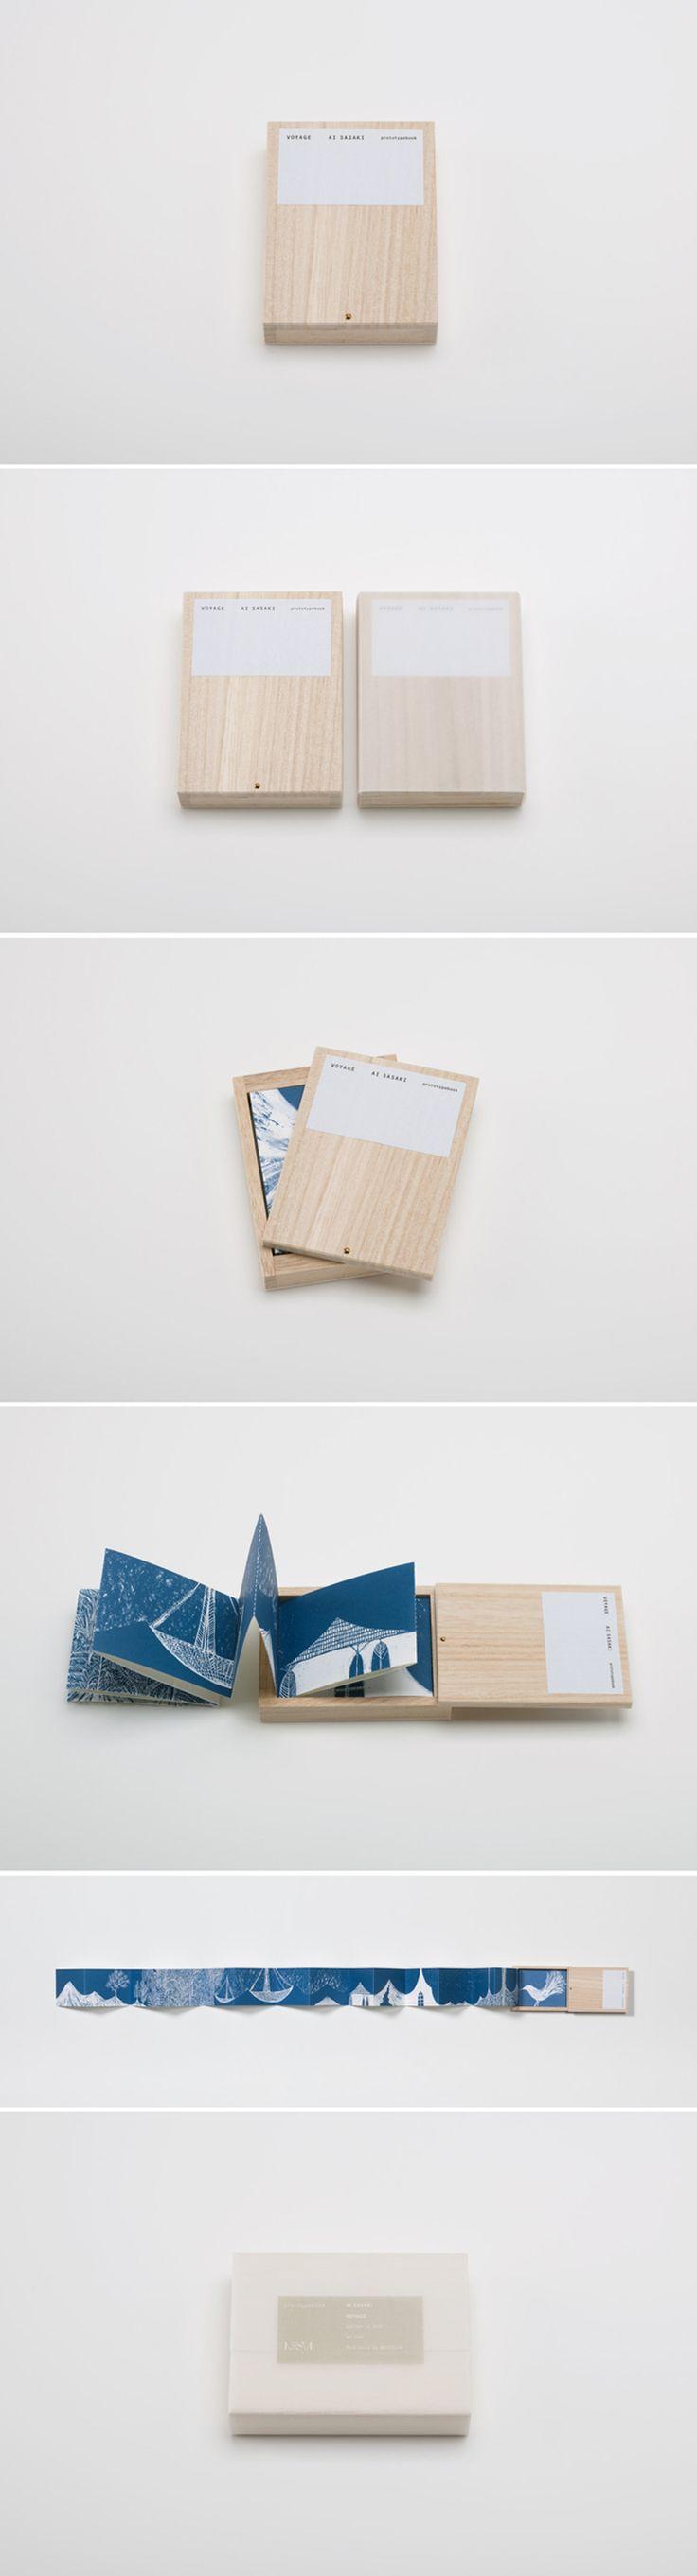 Prototypebook - Ai Sasaki: VOYAGE | UMA, 2009